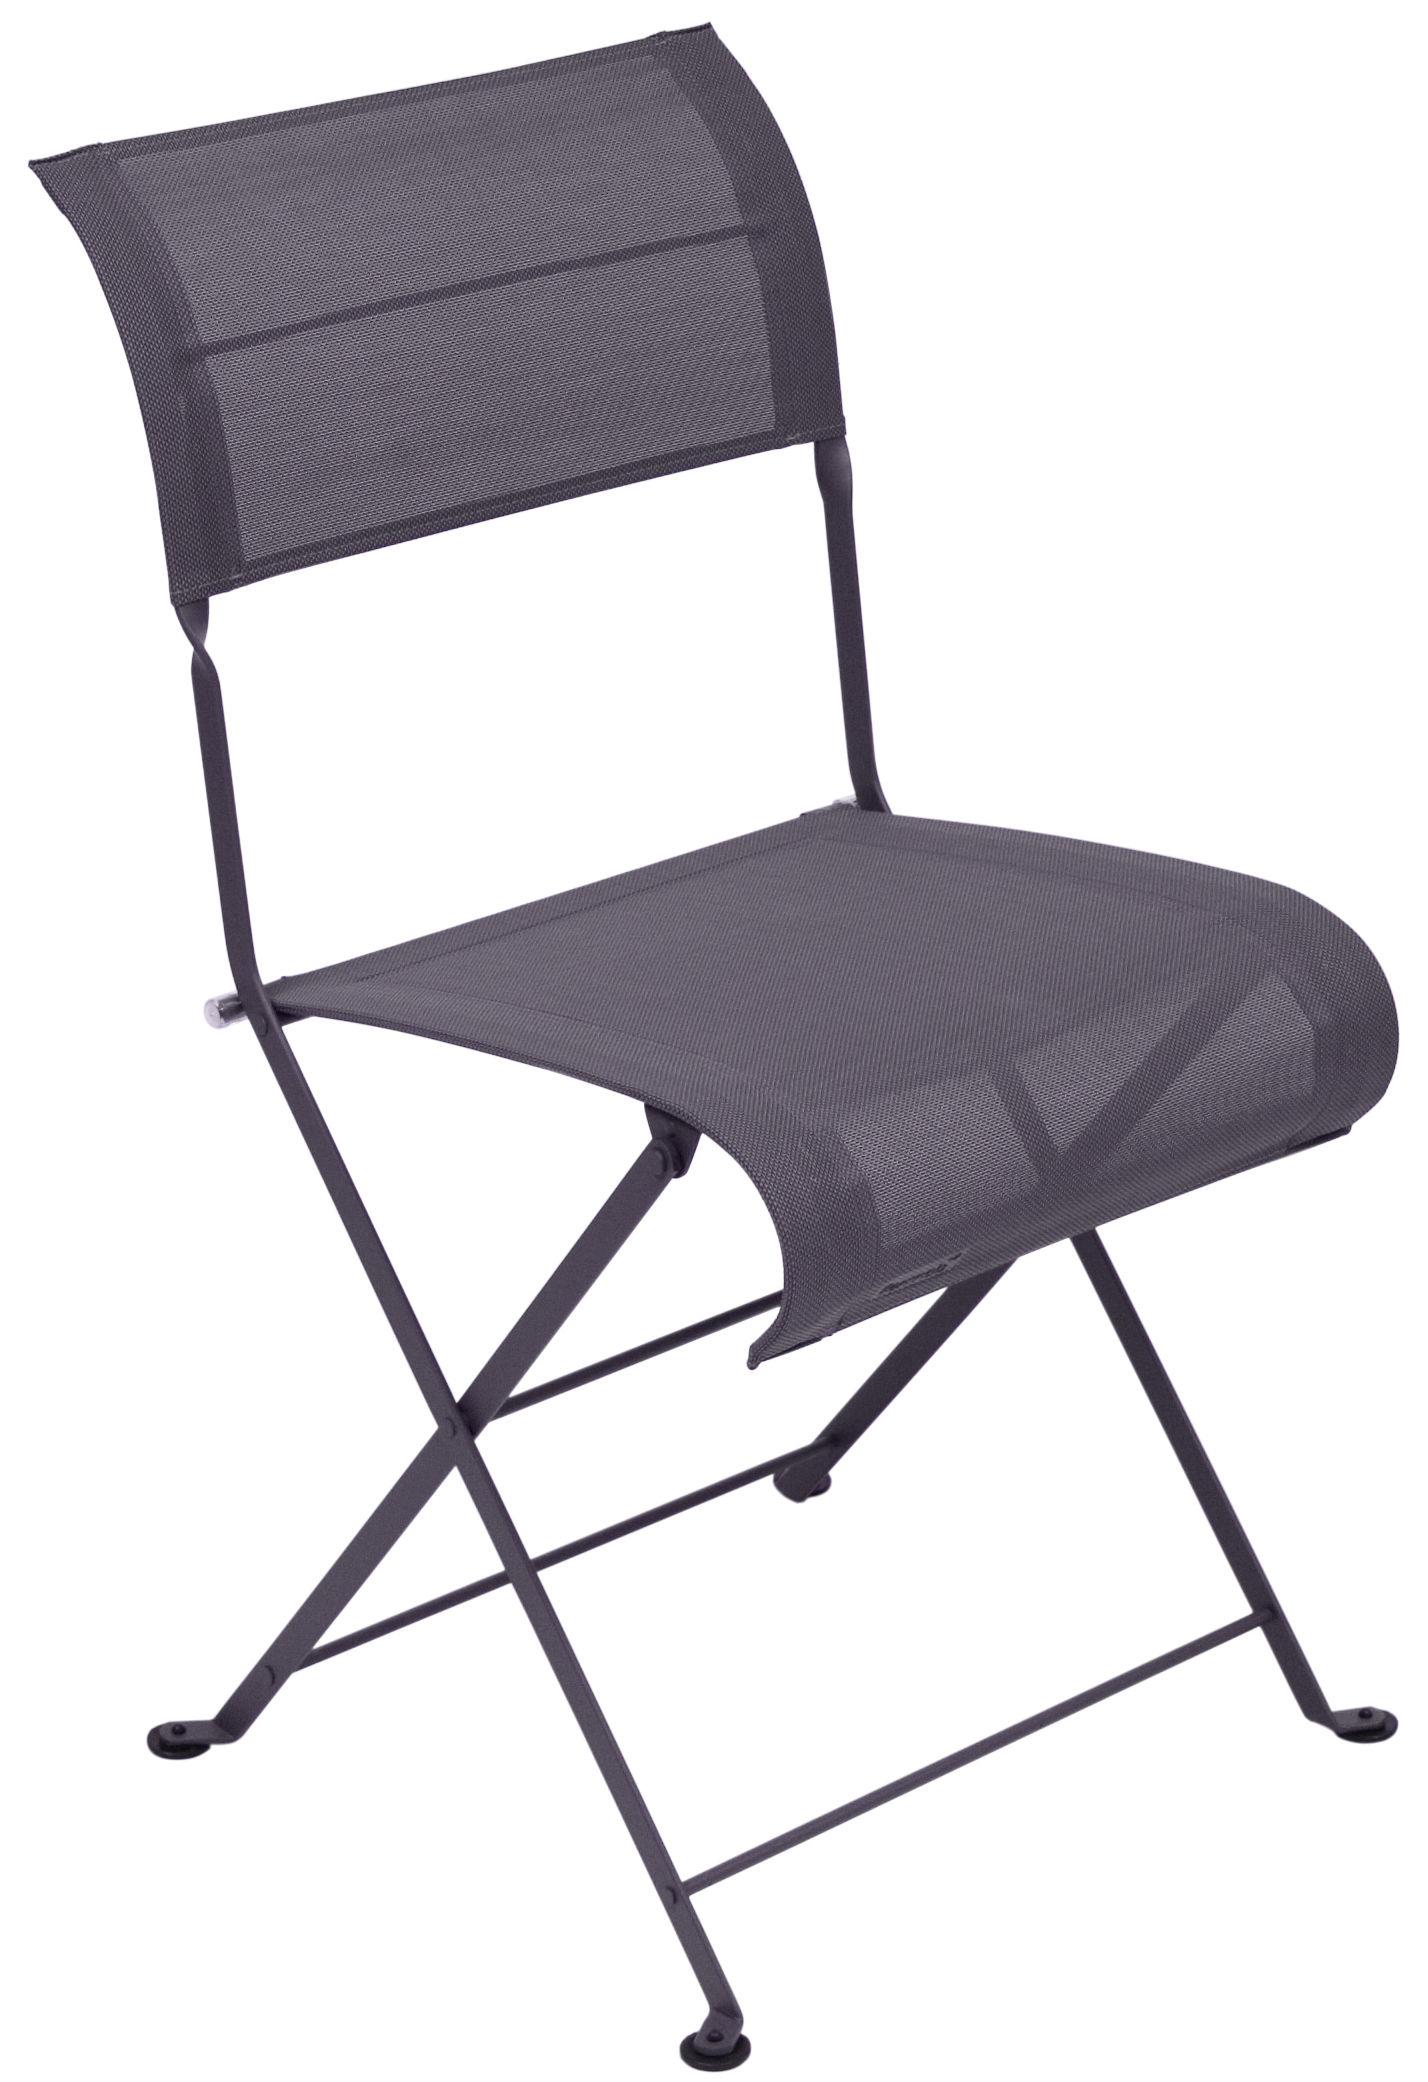 dune klappstuhl fermob stuhl. Black Bedroom Furniture Sets. Home Design Ideas